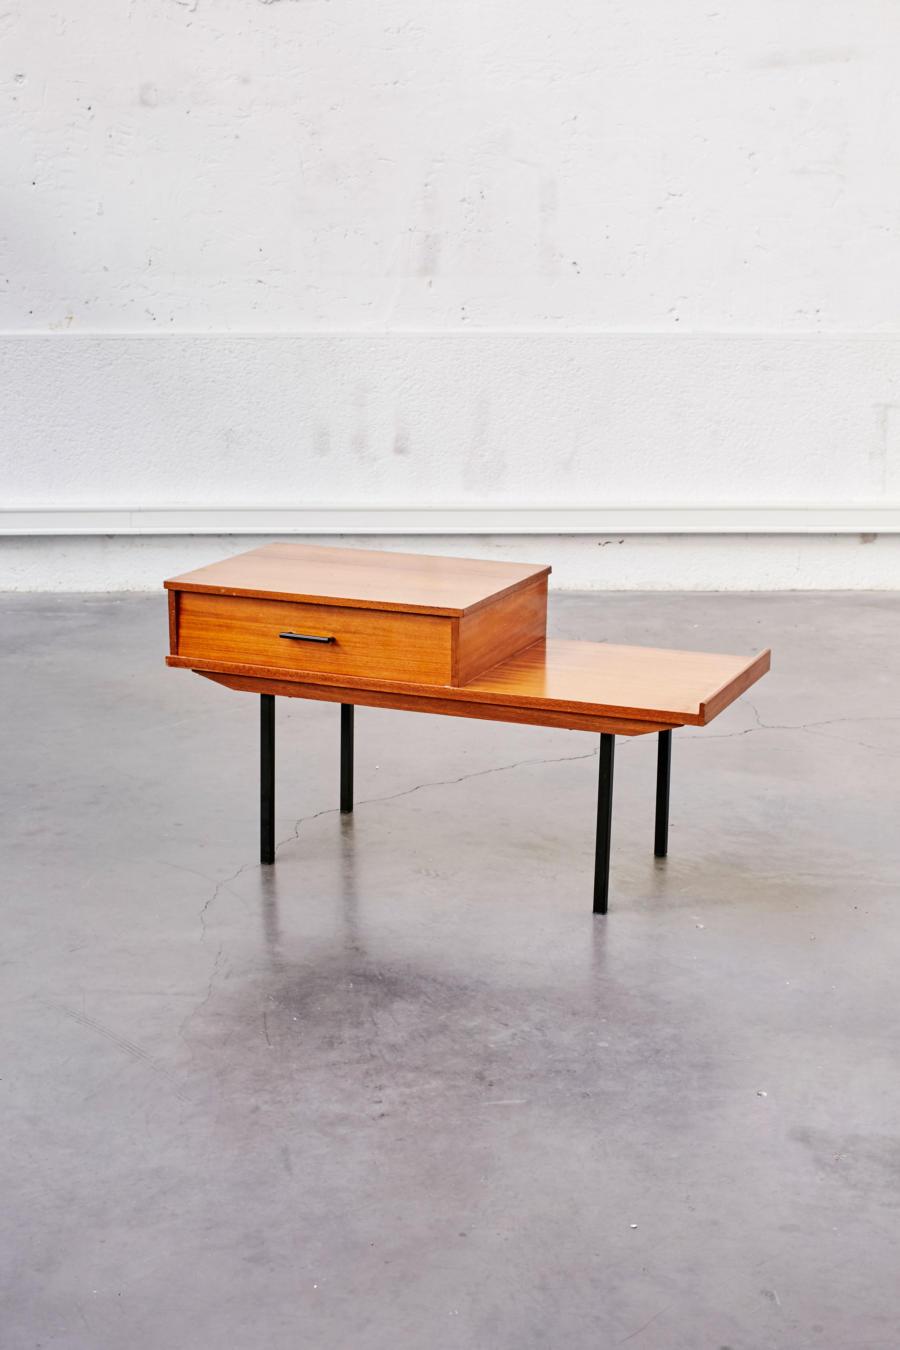 meuble de salon ann es 50 pieds compas. Black Bedroom Furniture Sets. Home Design Ideas